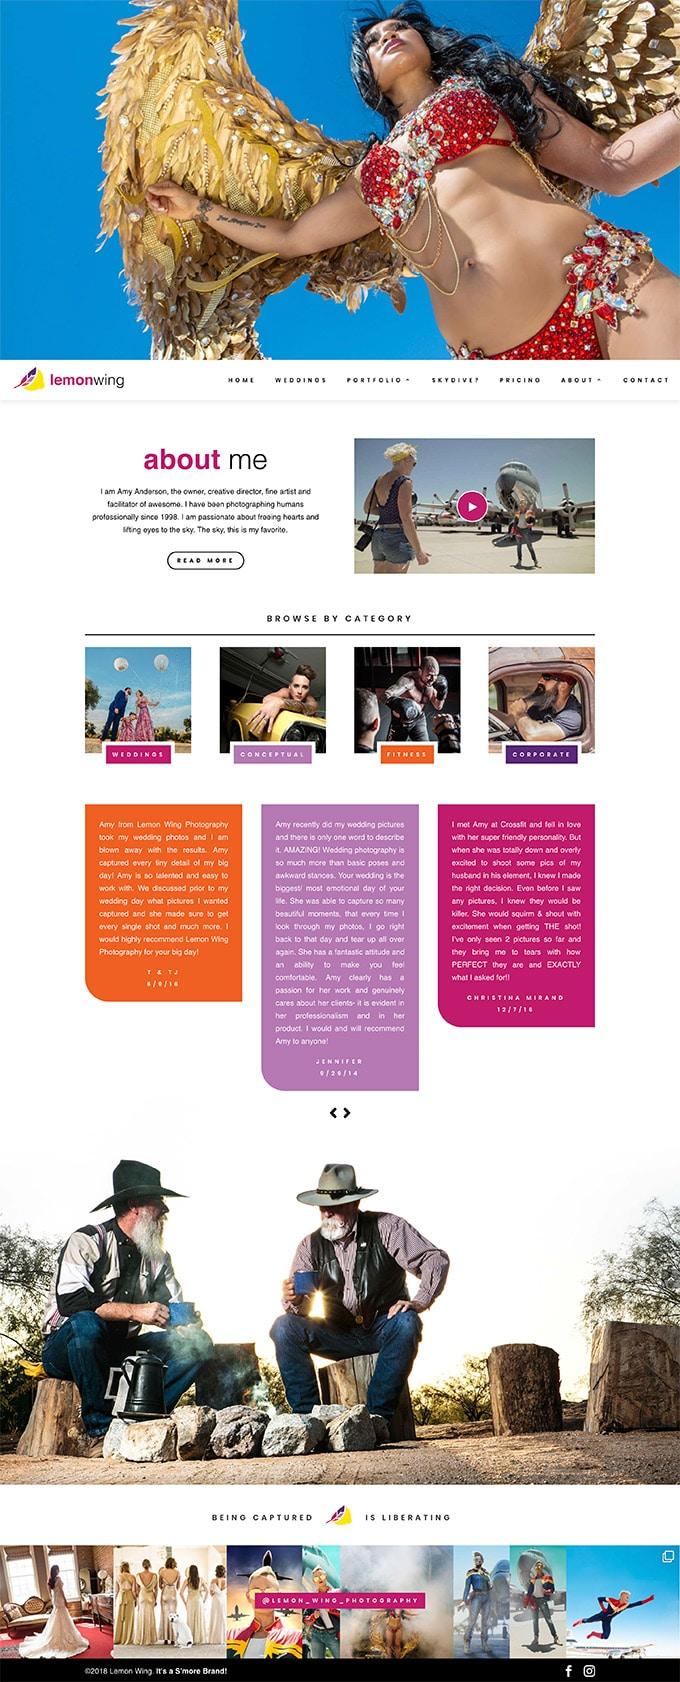 Lemon Wing website homepage design